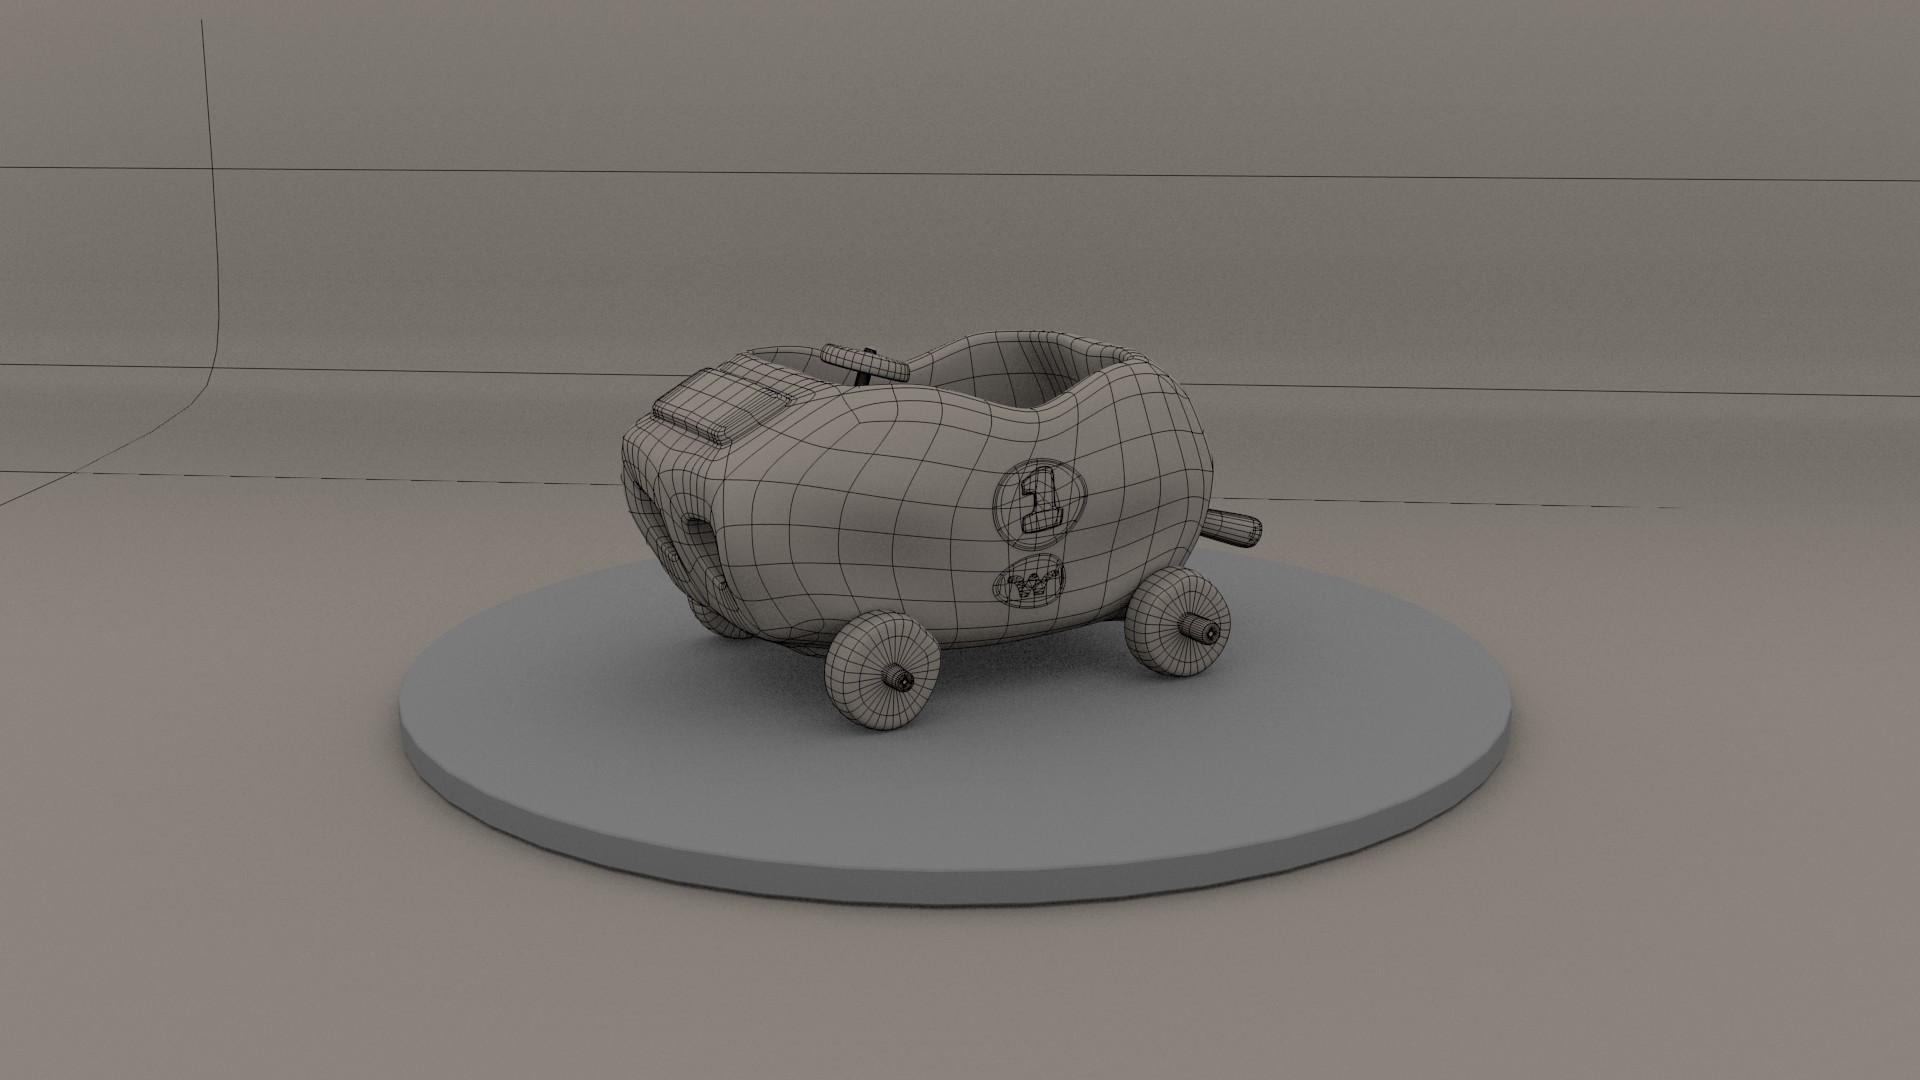 Los autos locos wacky races soliman-01-wire_el_roncomovi.jpg